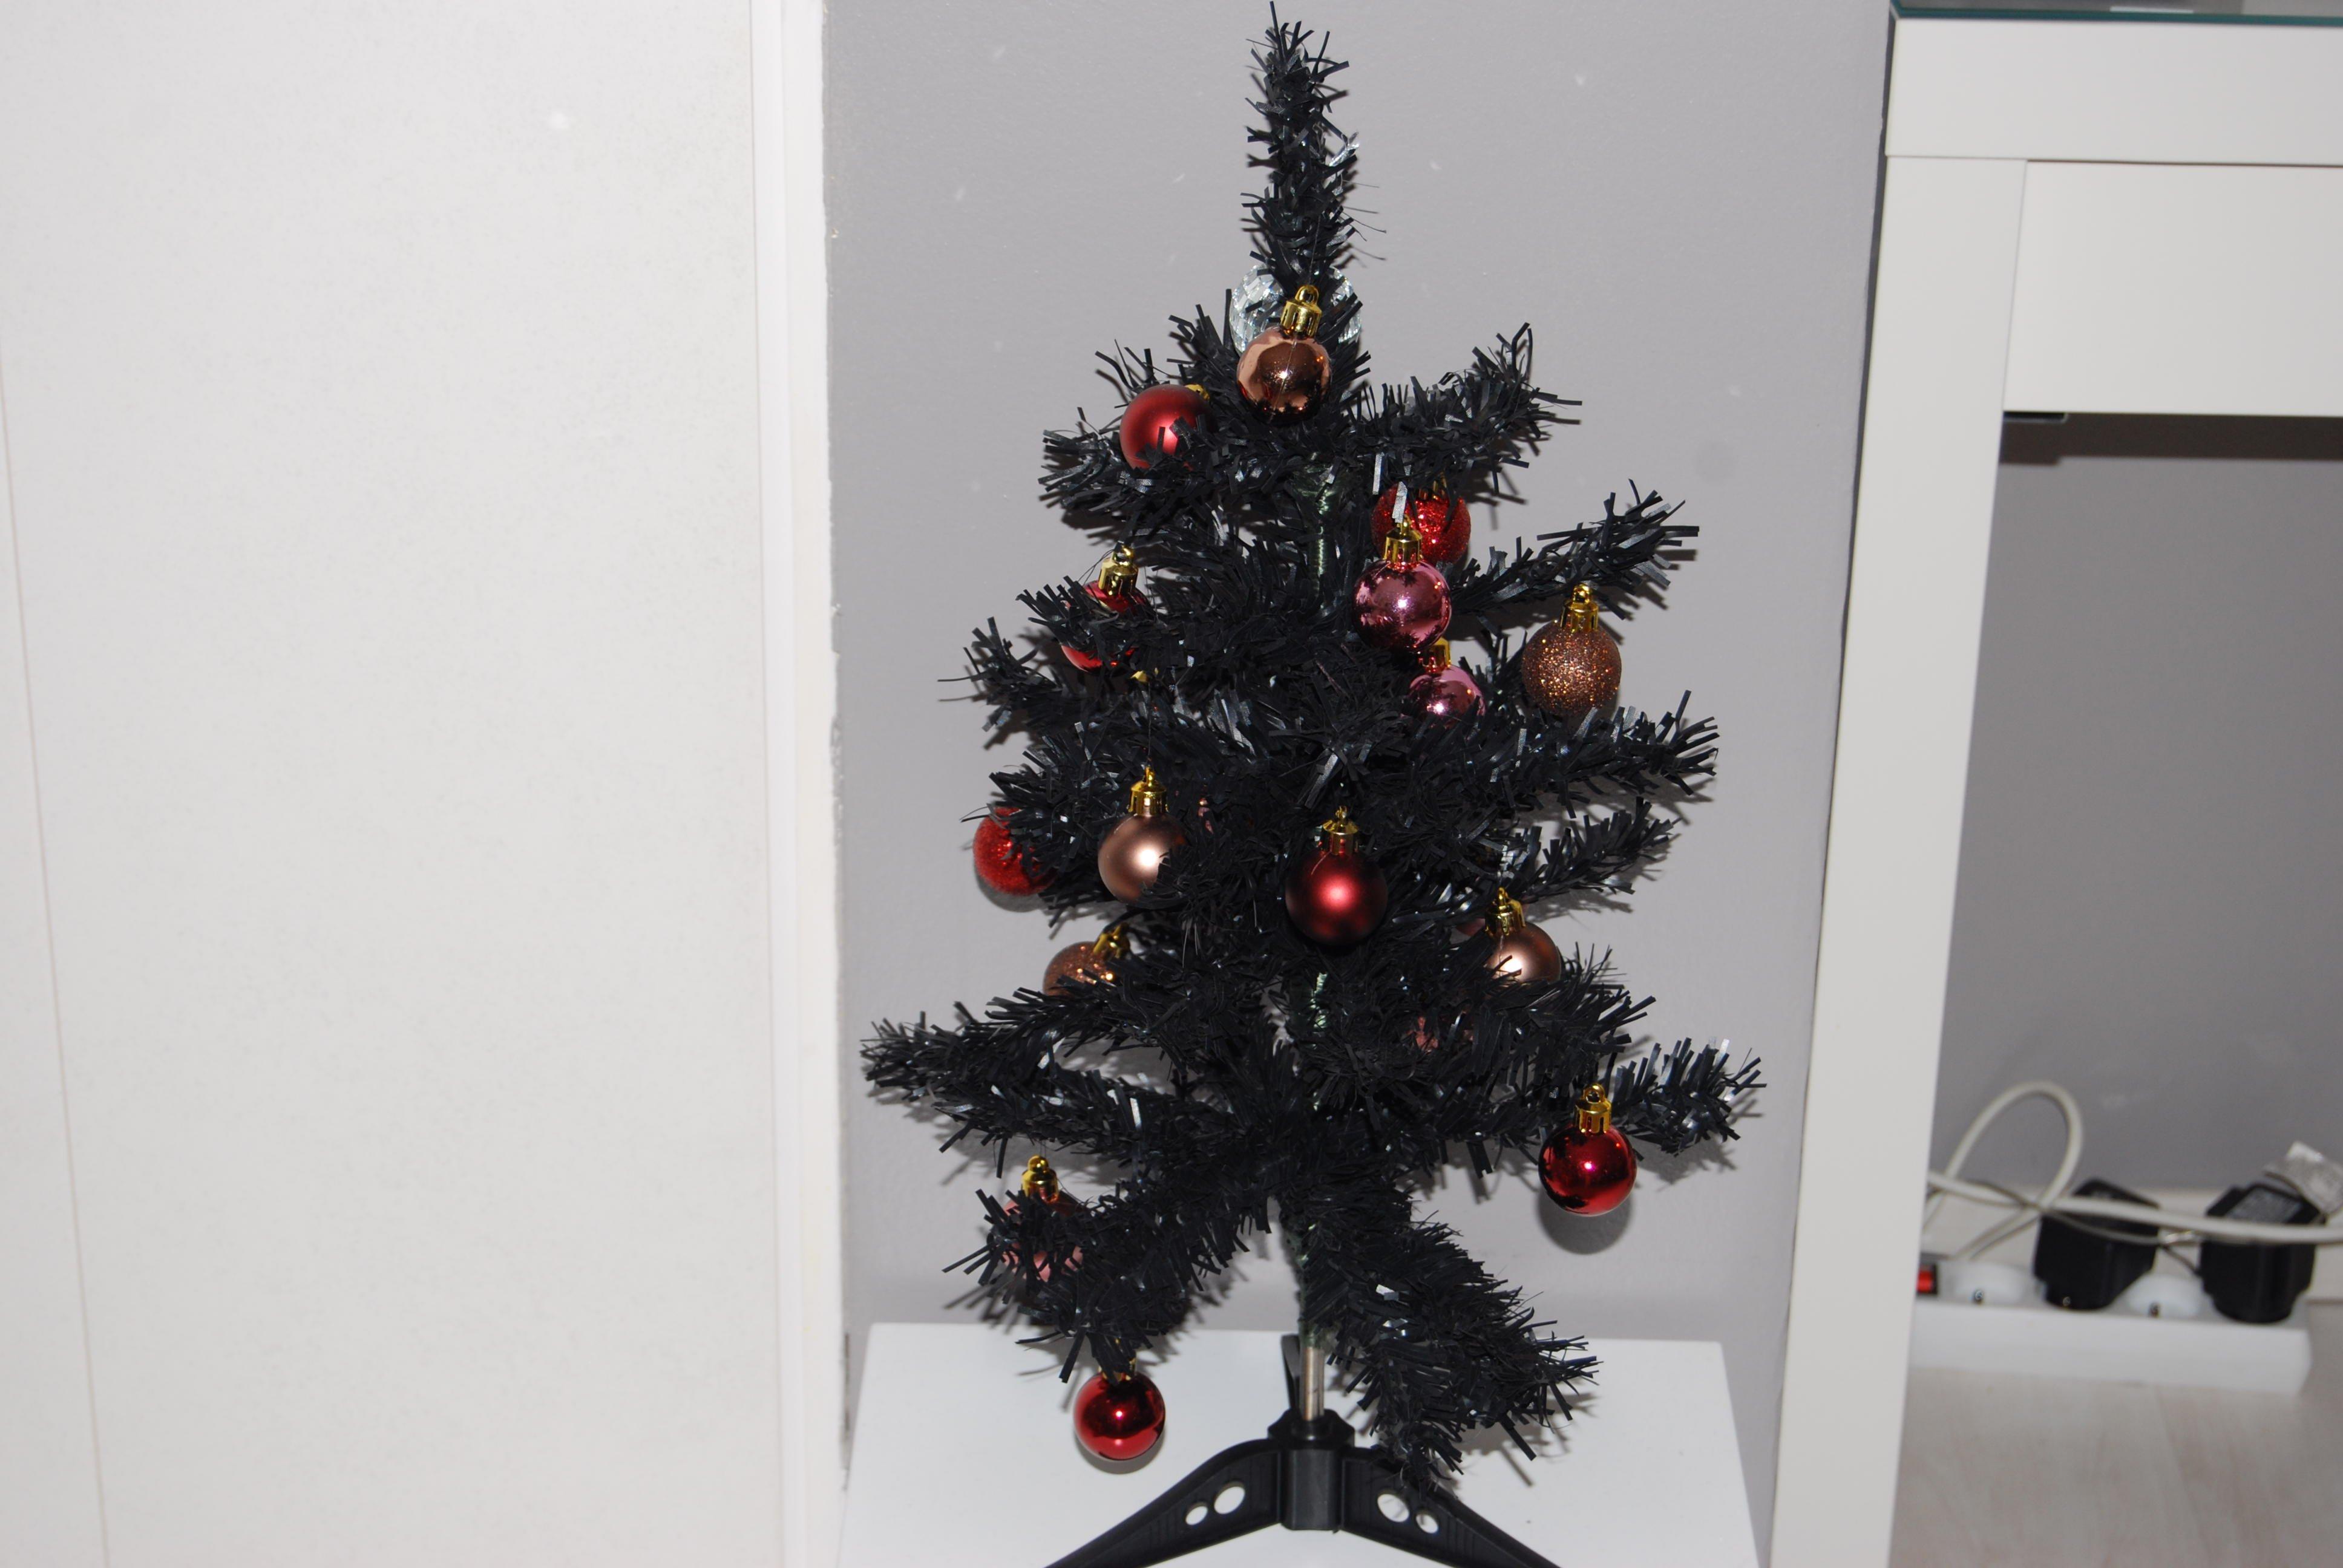 #6E332D [Edition Christmas]: Idée De Décoration De Noël En Retard  5367 decorations de noel chez babou 3872x2592 px @ aertt.com